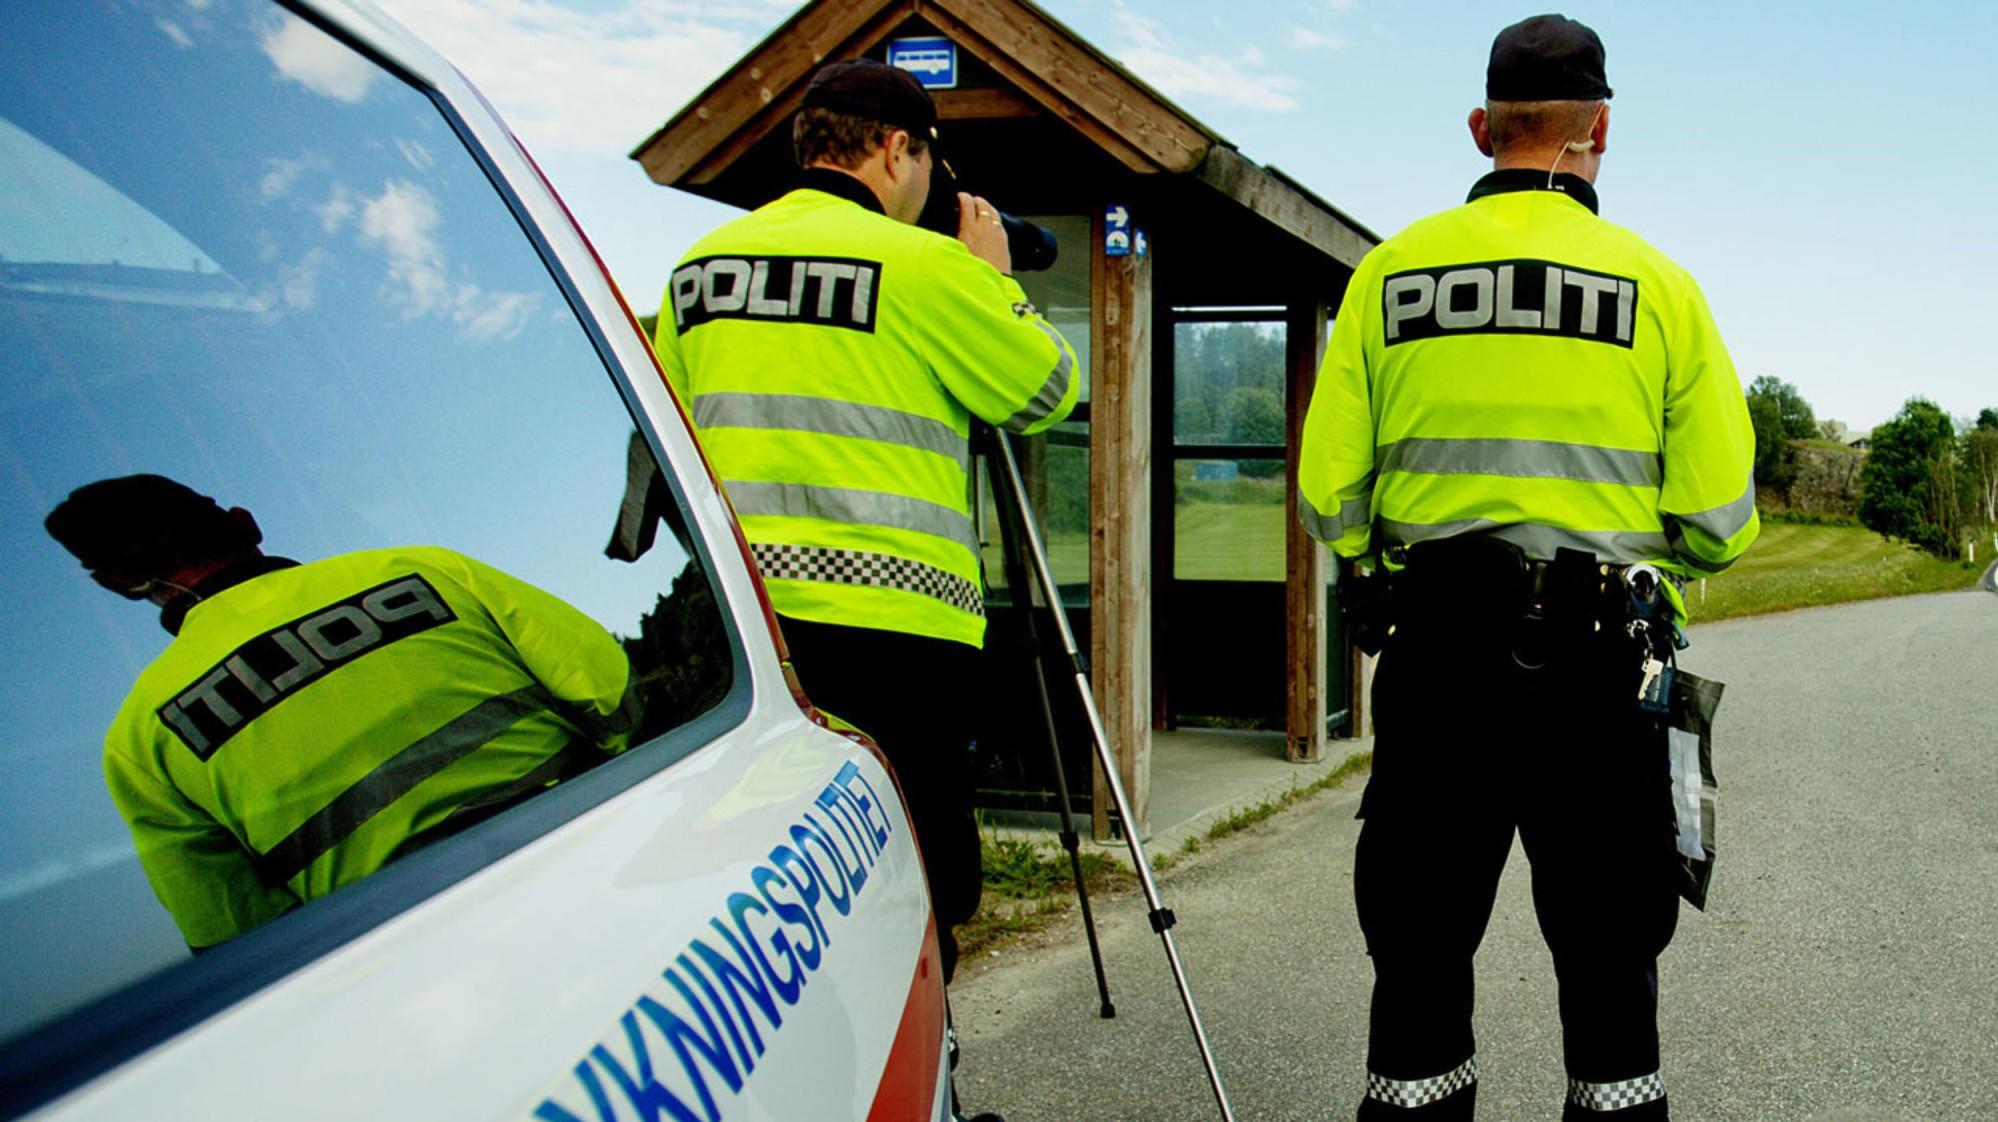 Førerkort-gleden ble kortvarig for 18-åringen fra Troms. Etter to dager var det slutt. Nå må han være uten førerkort en god stund, deretter må han kjøre opp på nytt igjen hvis han skal ha det tilbake.